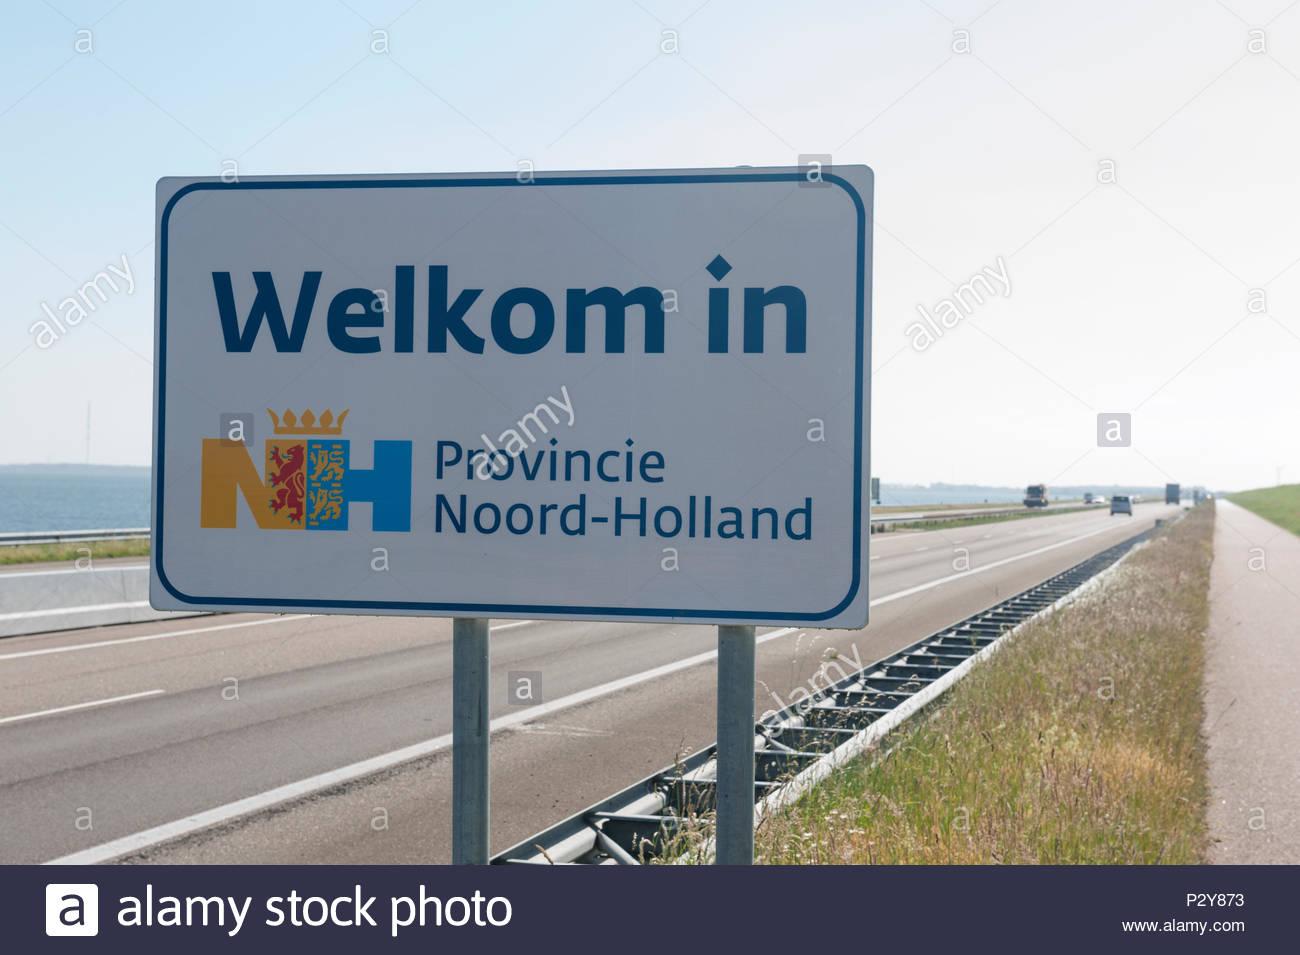 Afsluitdijk The Netherlands A7 motorway along the Afluitdijk, sign Welkom in Noord Holland. - Stock Image